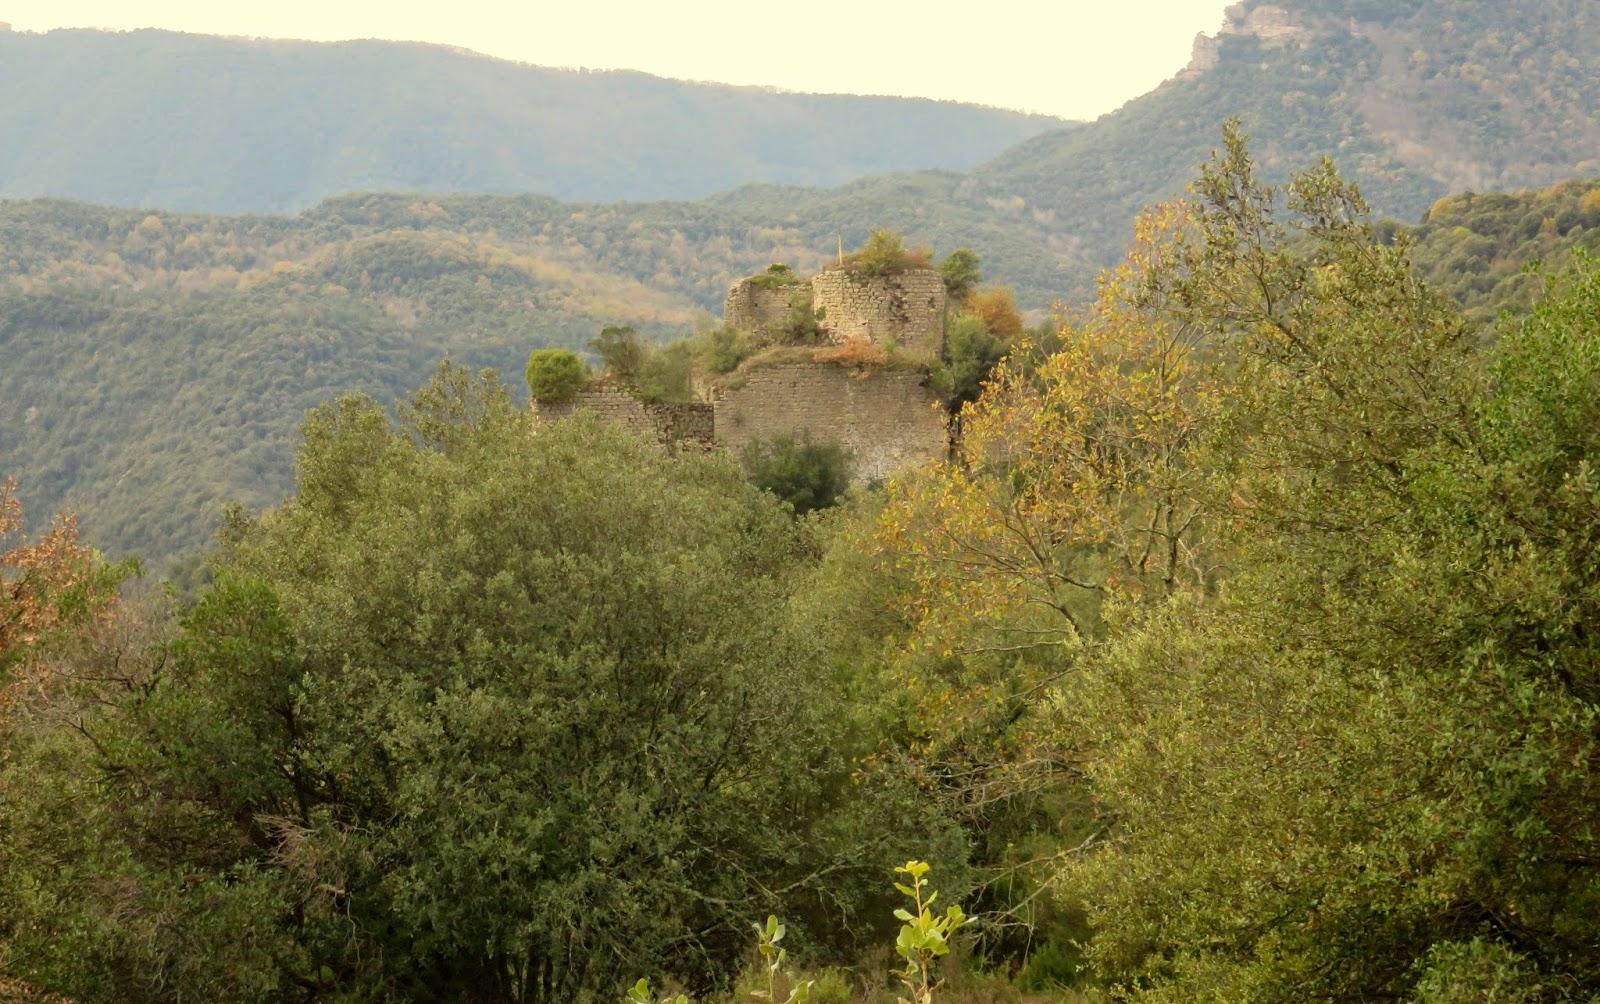 El Far, cingles, sant marti de sacalm,castell de fornills, Cova d'en salvi, susqueda